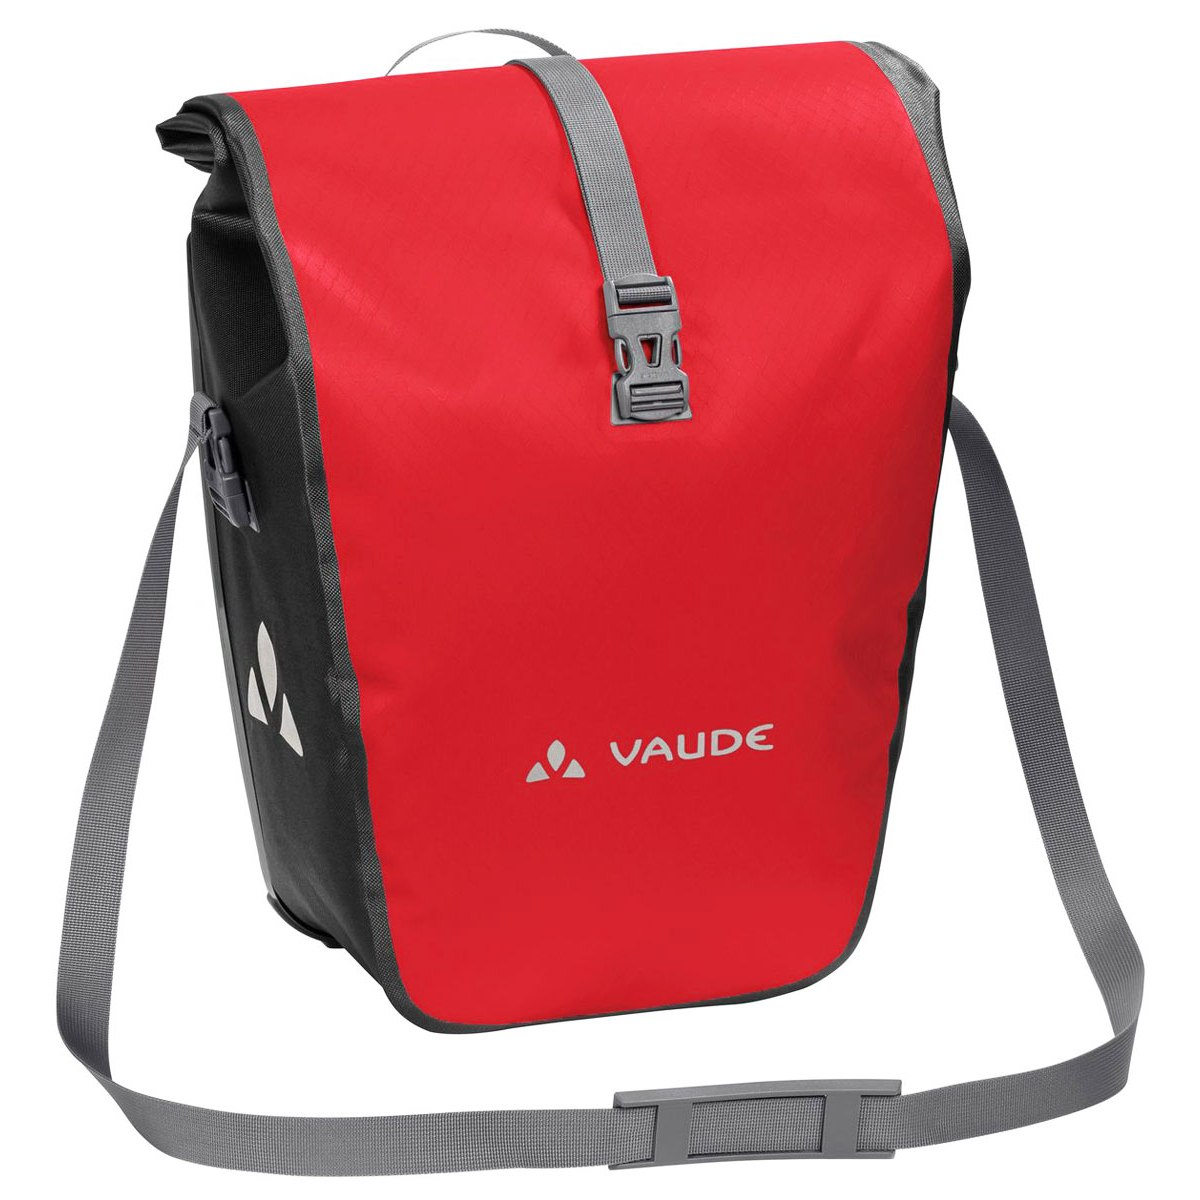 Vaude Aqua Back Single Fahrradtasche (1 Stück) - rot